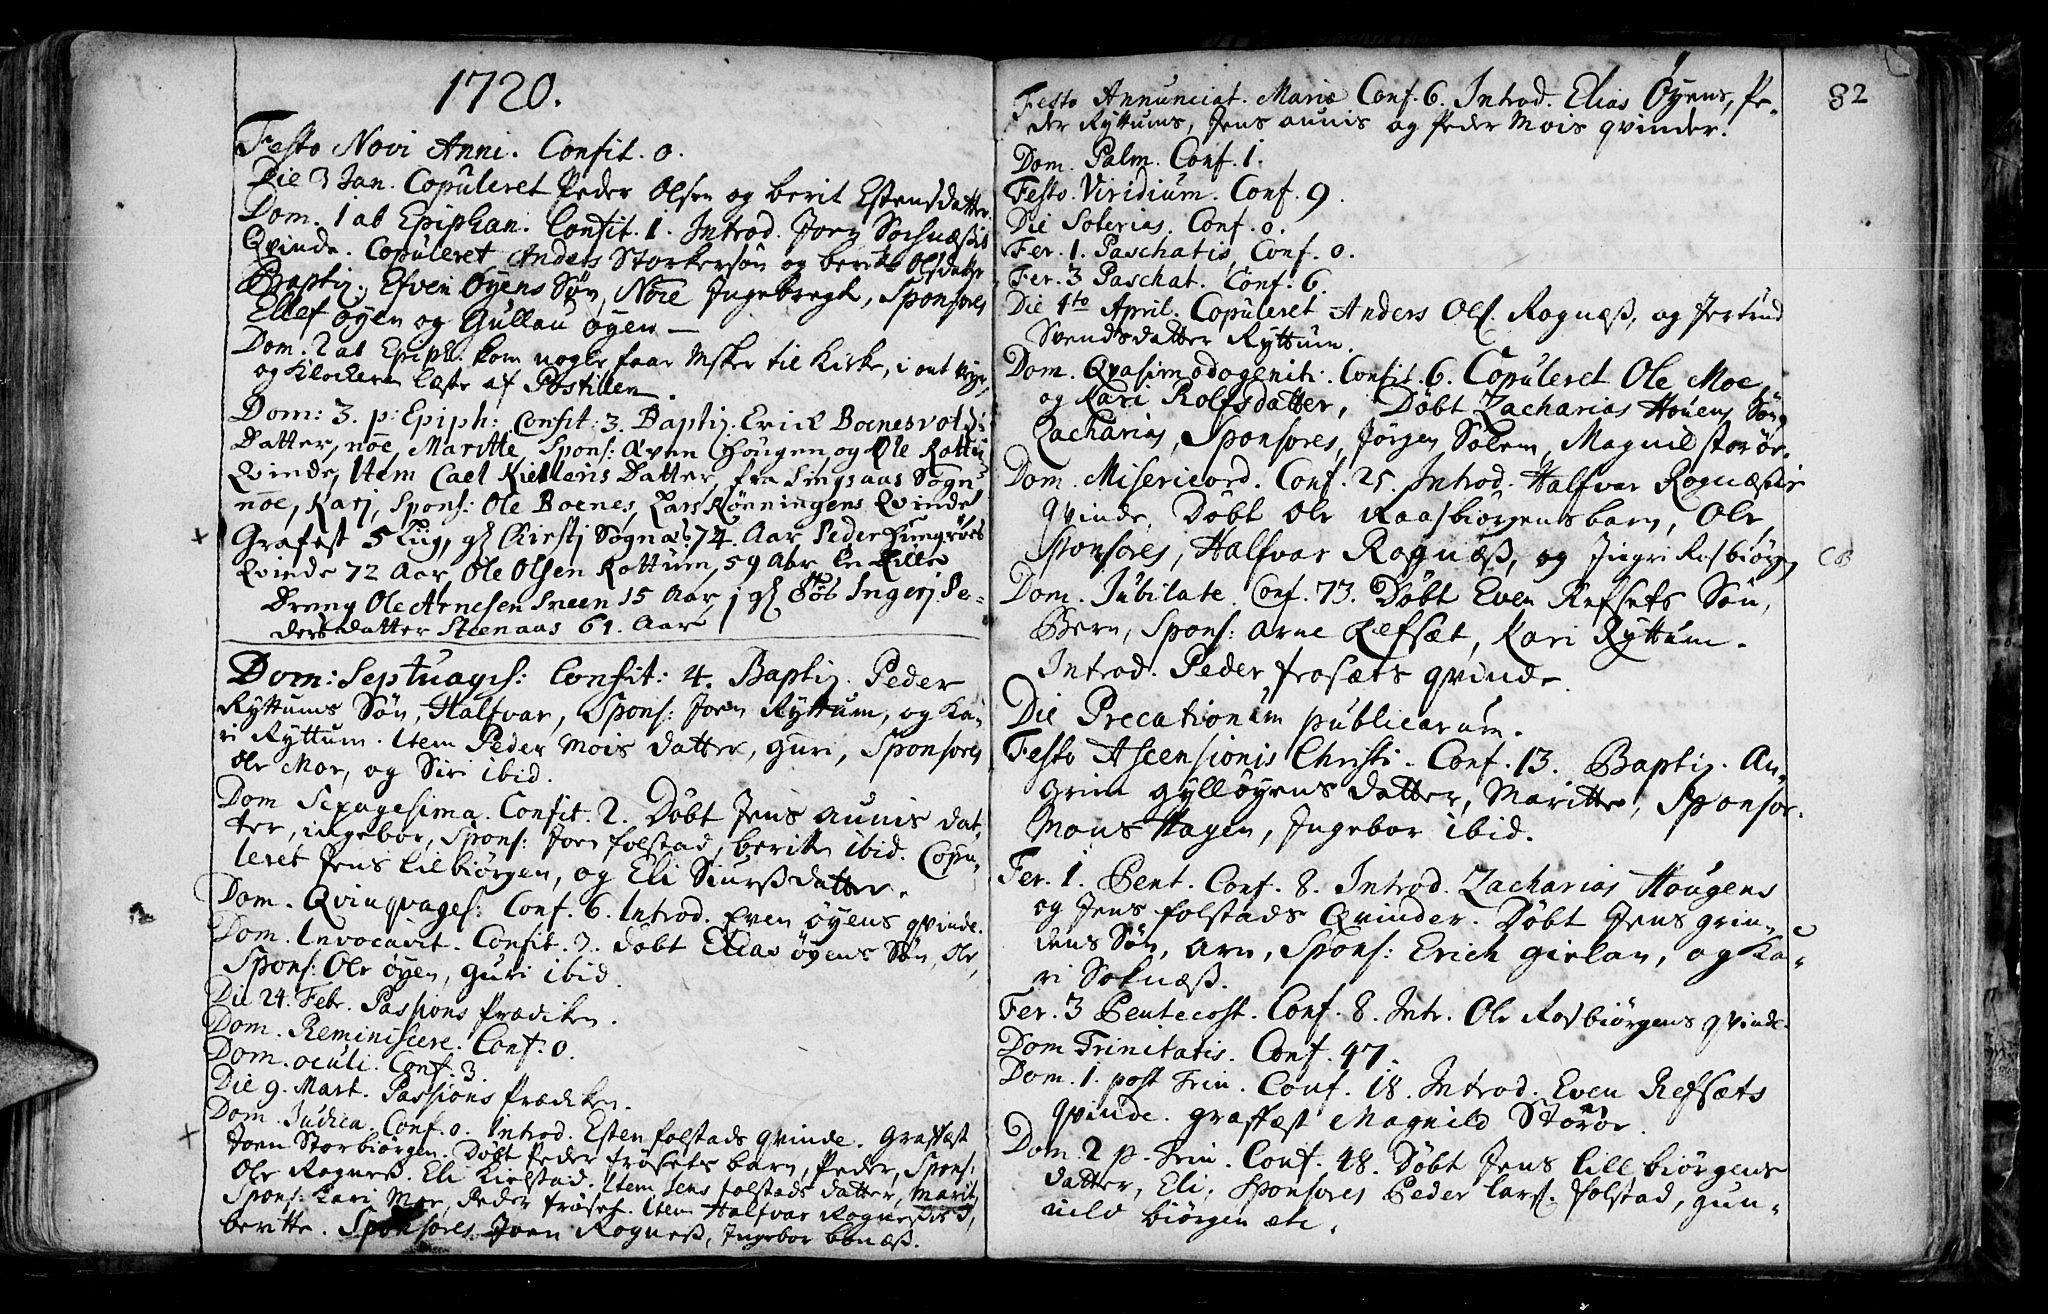 SAT, Ministerialprotokoller, klokkerbøker og fødselsregistre - Sør-Trøndelag, 687/L0990: Ministerialbok nr. 687A01, 1690-1746, s. 82